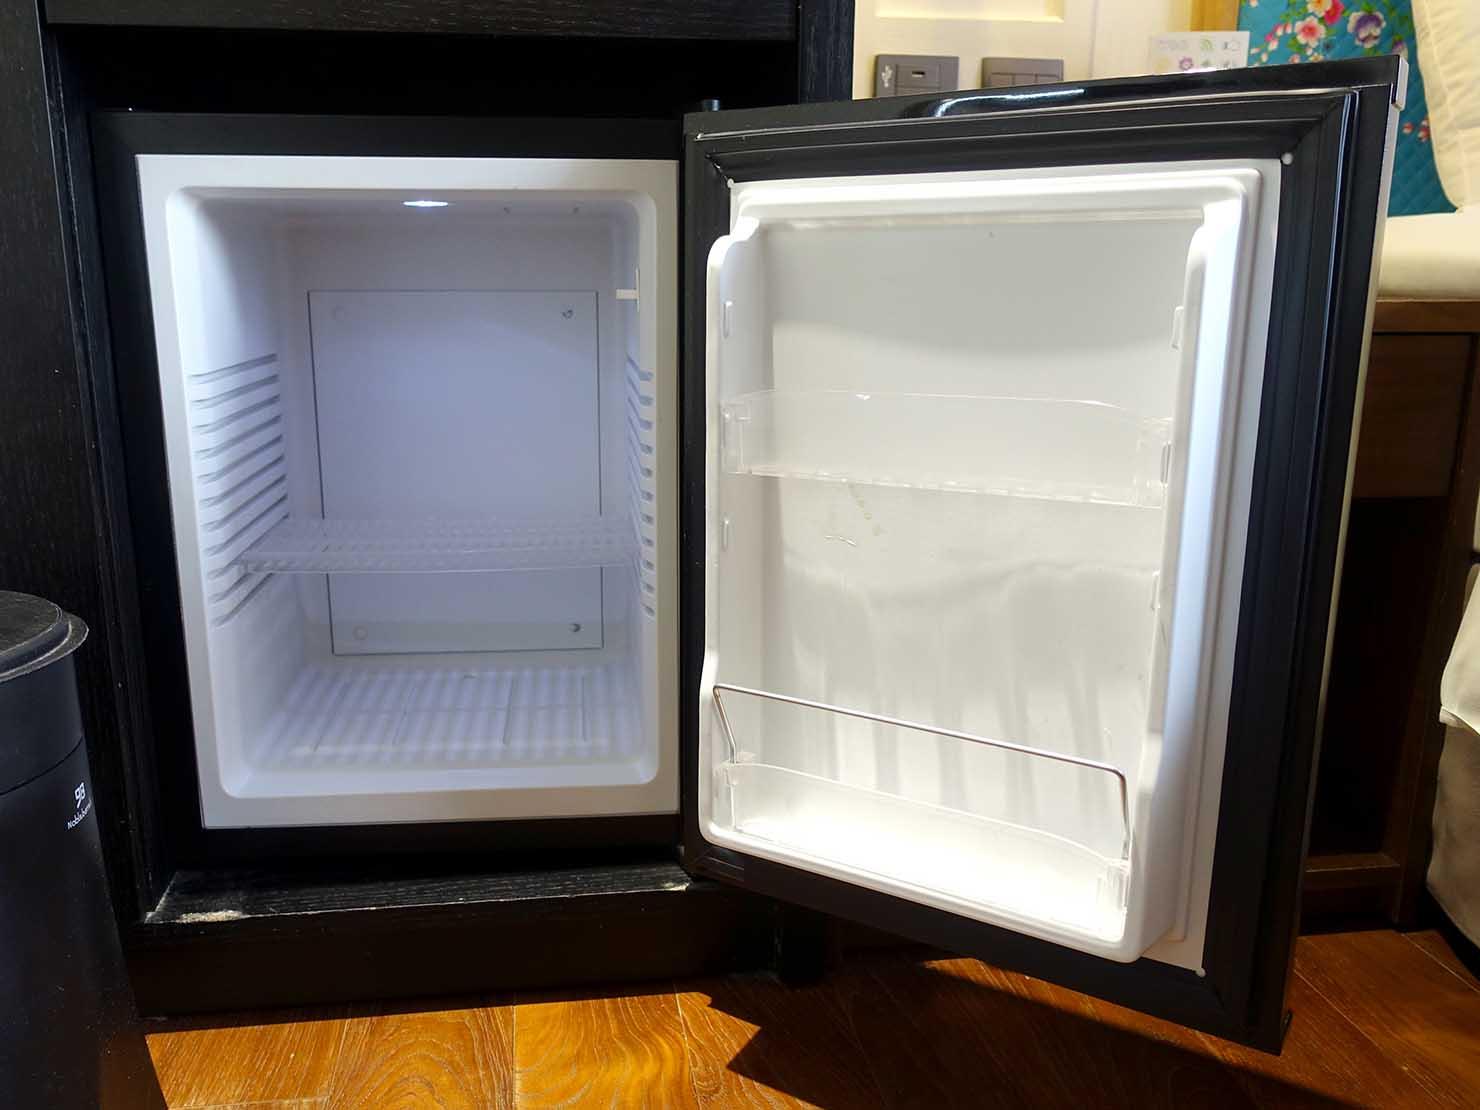 台中駅前のおすすめデザインホテル「紅點文旅 RedDot Hotel」旅人逆轉勝XS(ダブルルーム)のミニ冷蔵庫